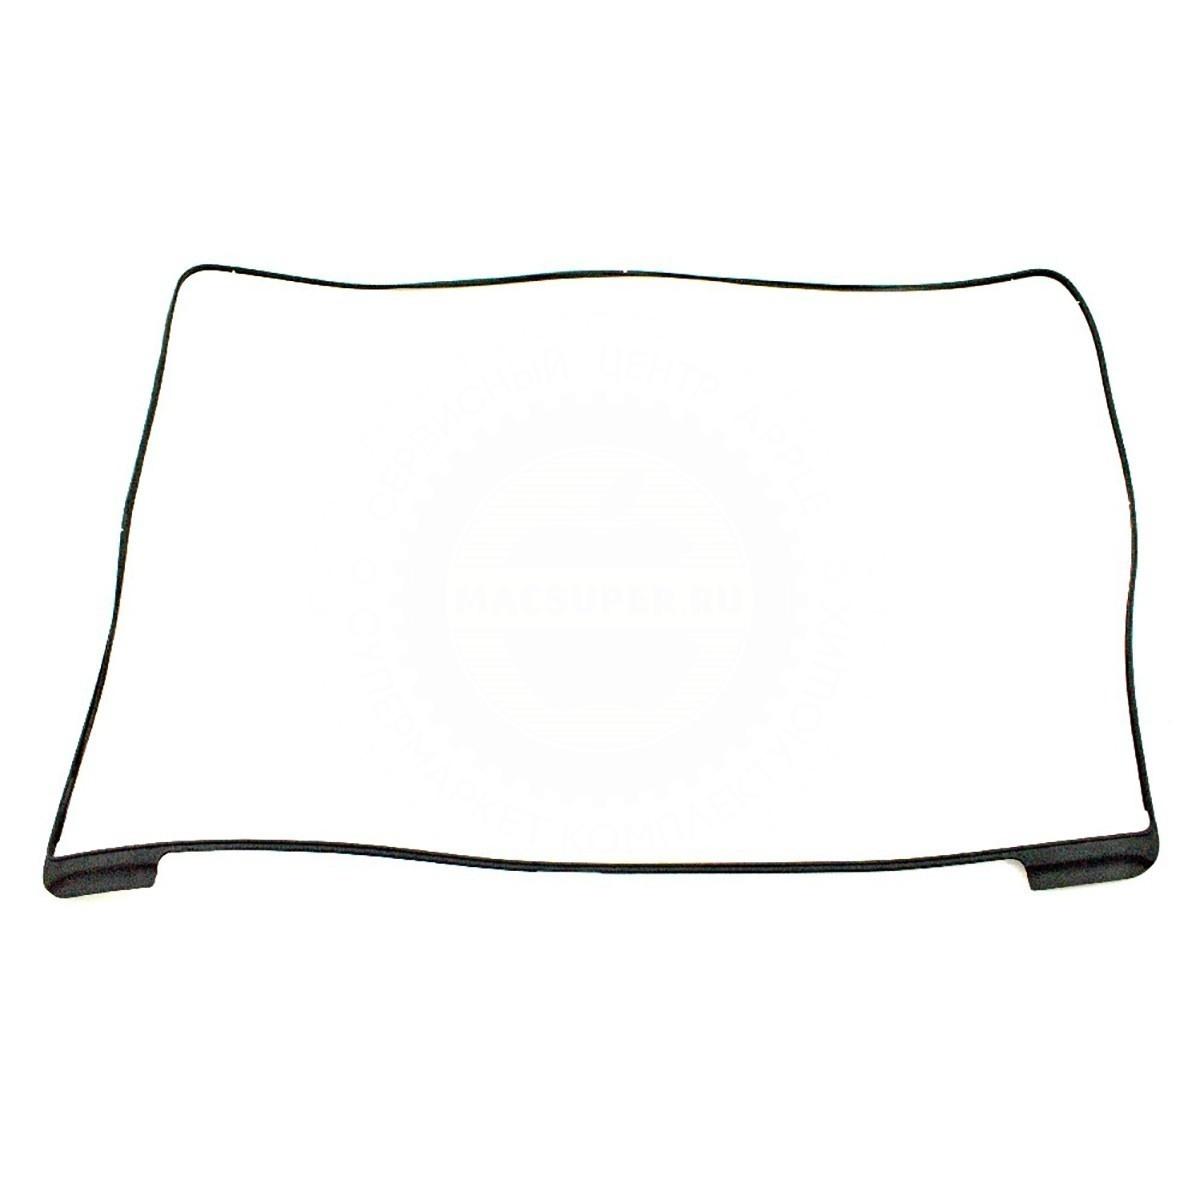 Рамка резиновая для дисплея MacBook Pro A1278 (Early 2011 - Mid 2012) купить в MacSuper.ru